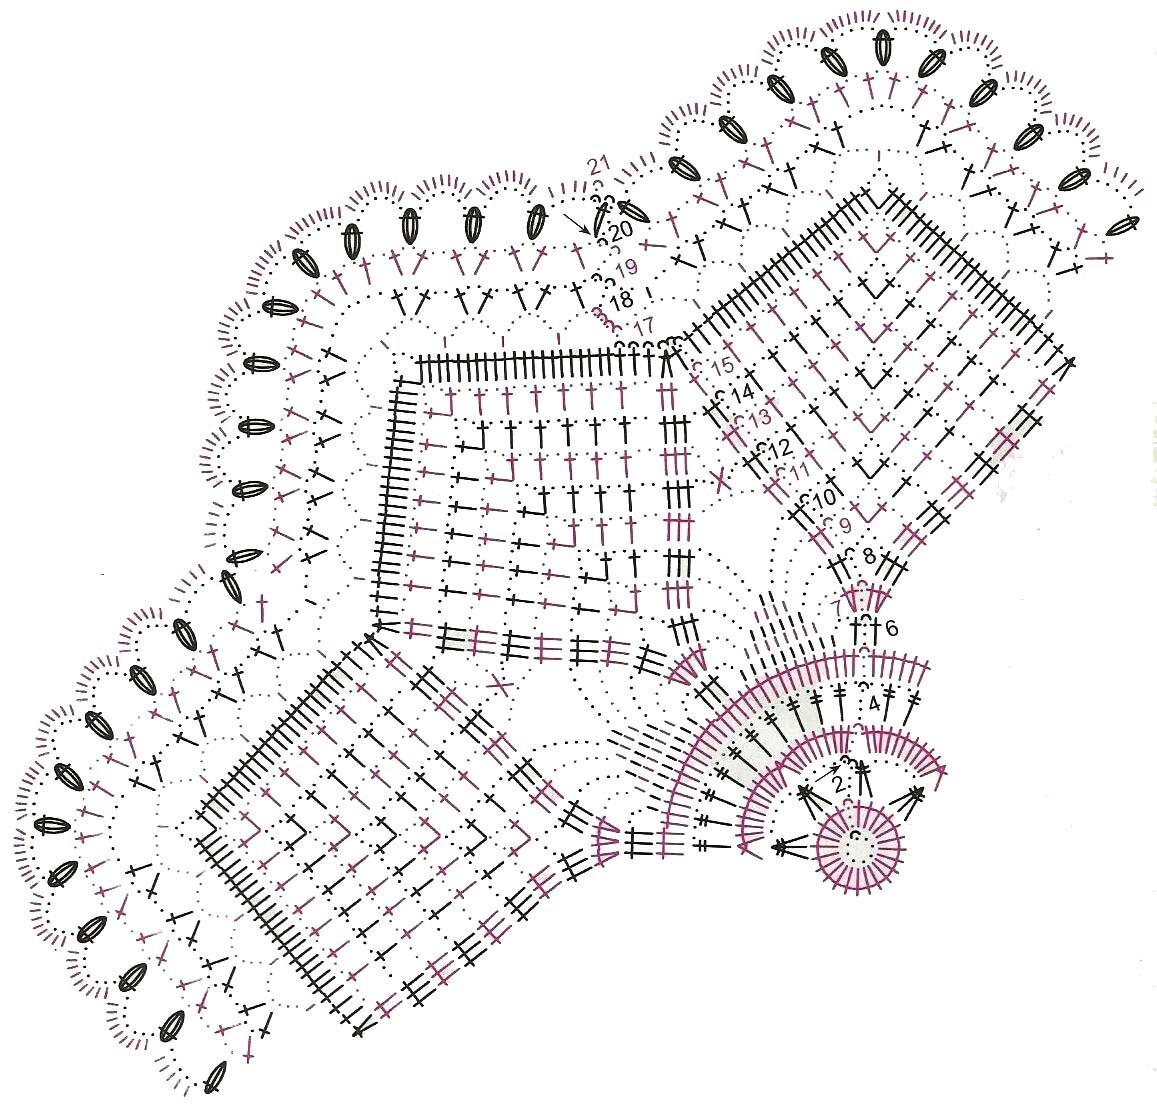 вязание крючком картинки и схемы для дома воспринимать занятия йогой